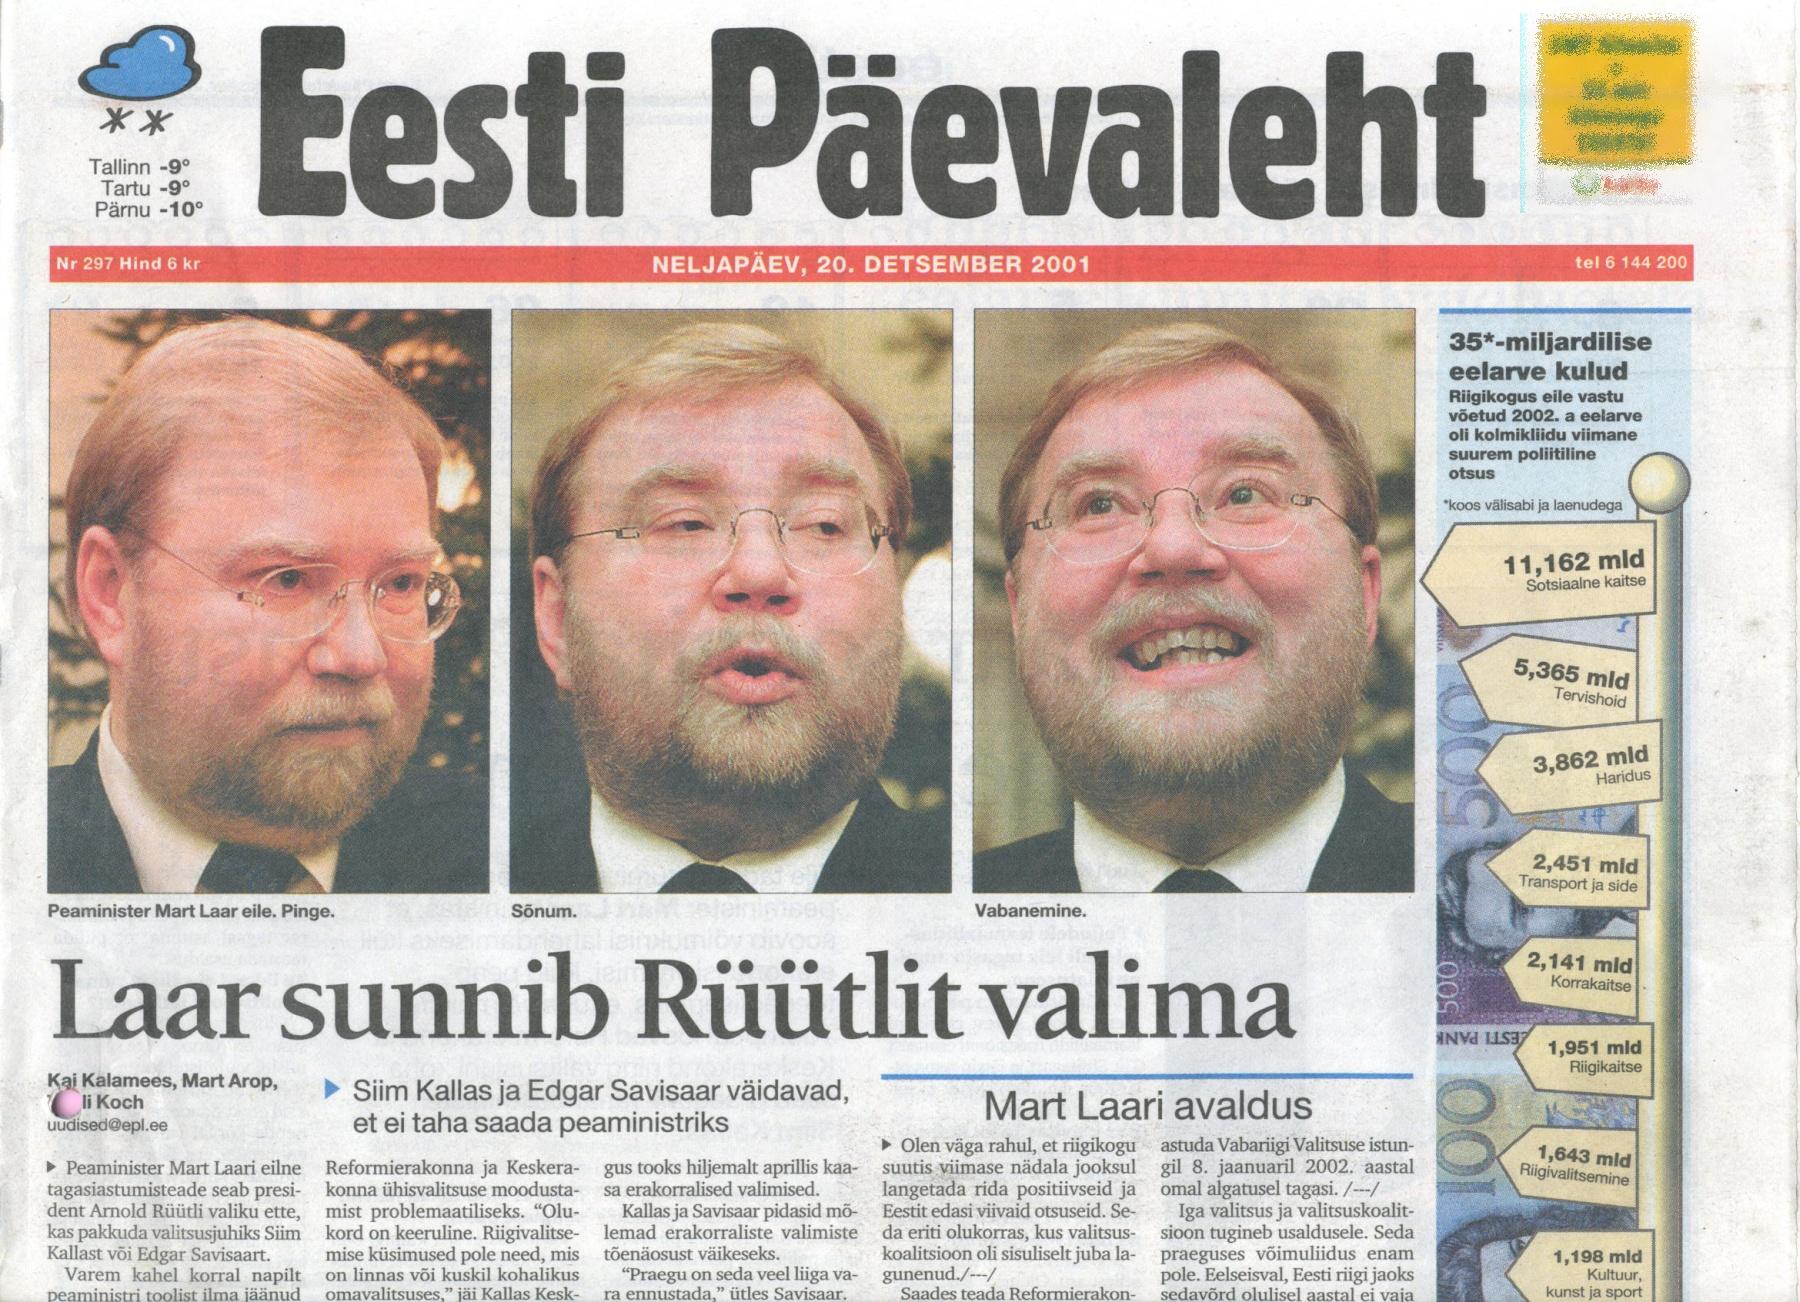 20. detsember 2001 Eesti Päevalehe esikaas, Kolmikliit on surnud ja peaminister Mart Laar lahkub.